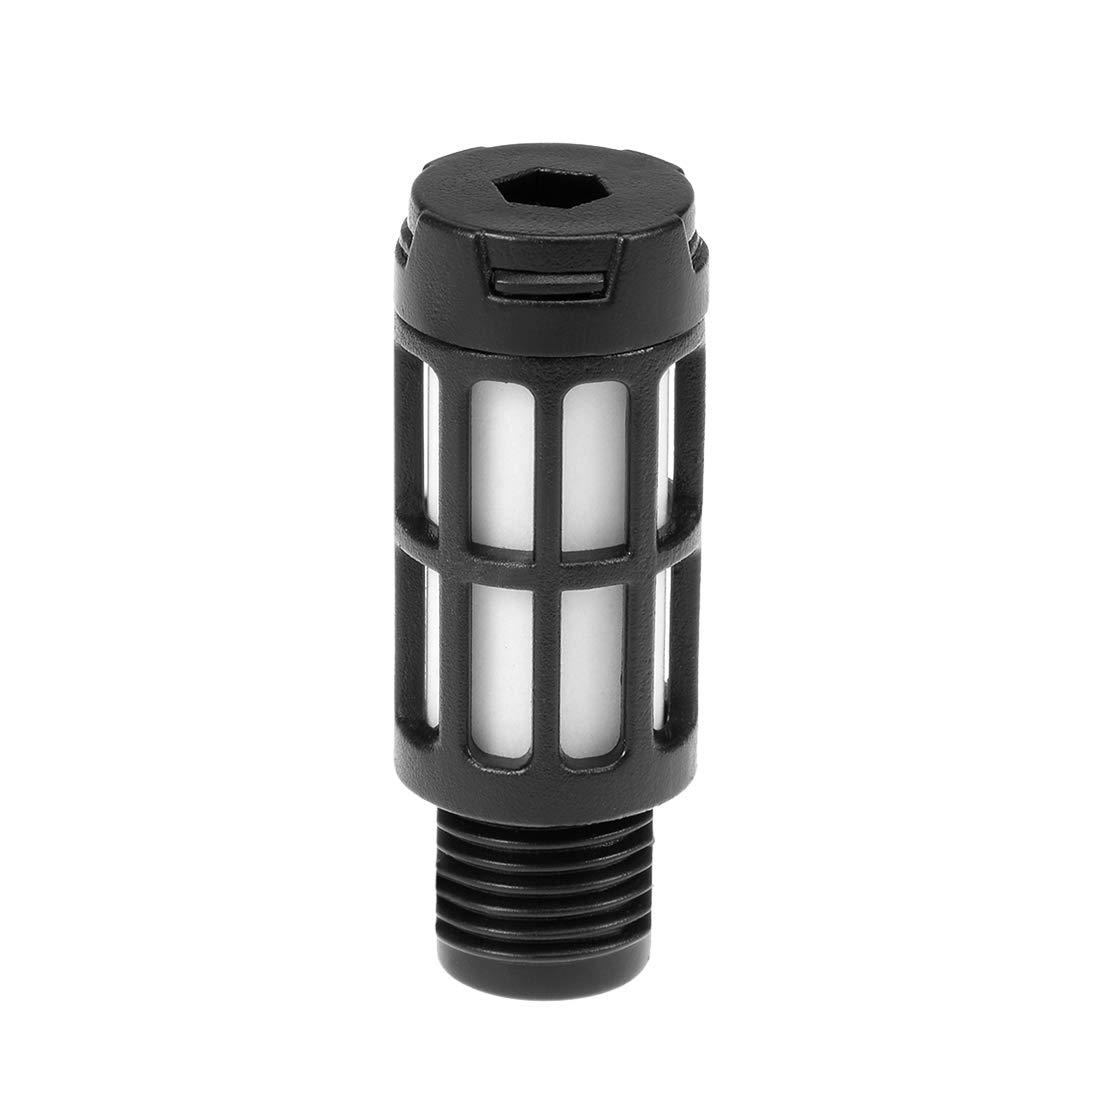 uxcell Plastic Pneumatic Muffler Exhaust Air Line Silencer 1//8 PT Black 30pcs